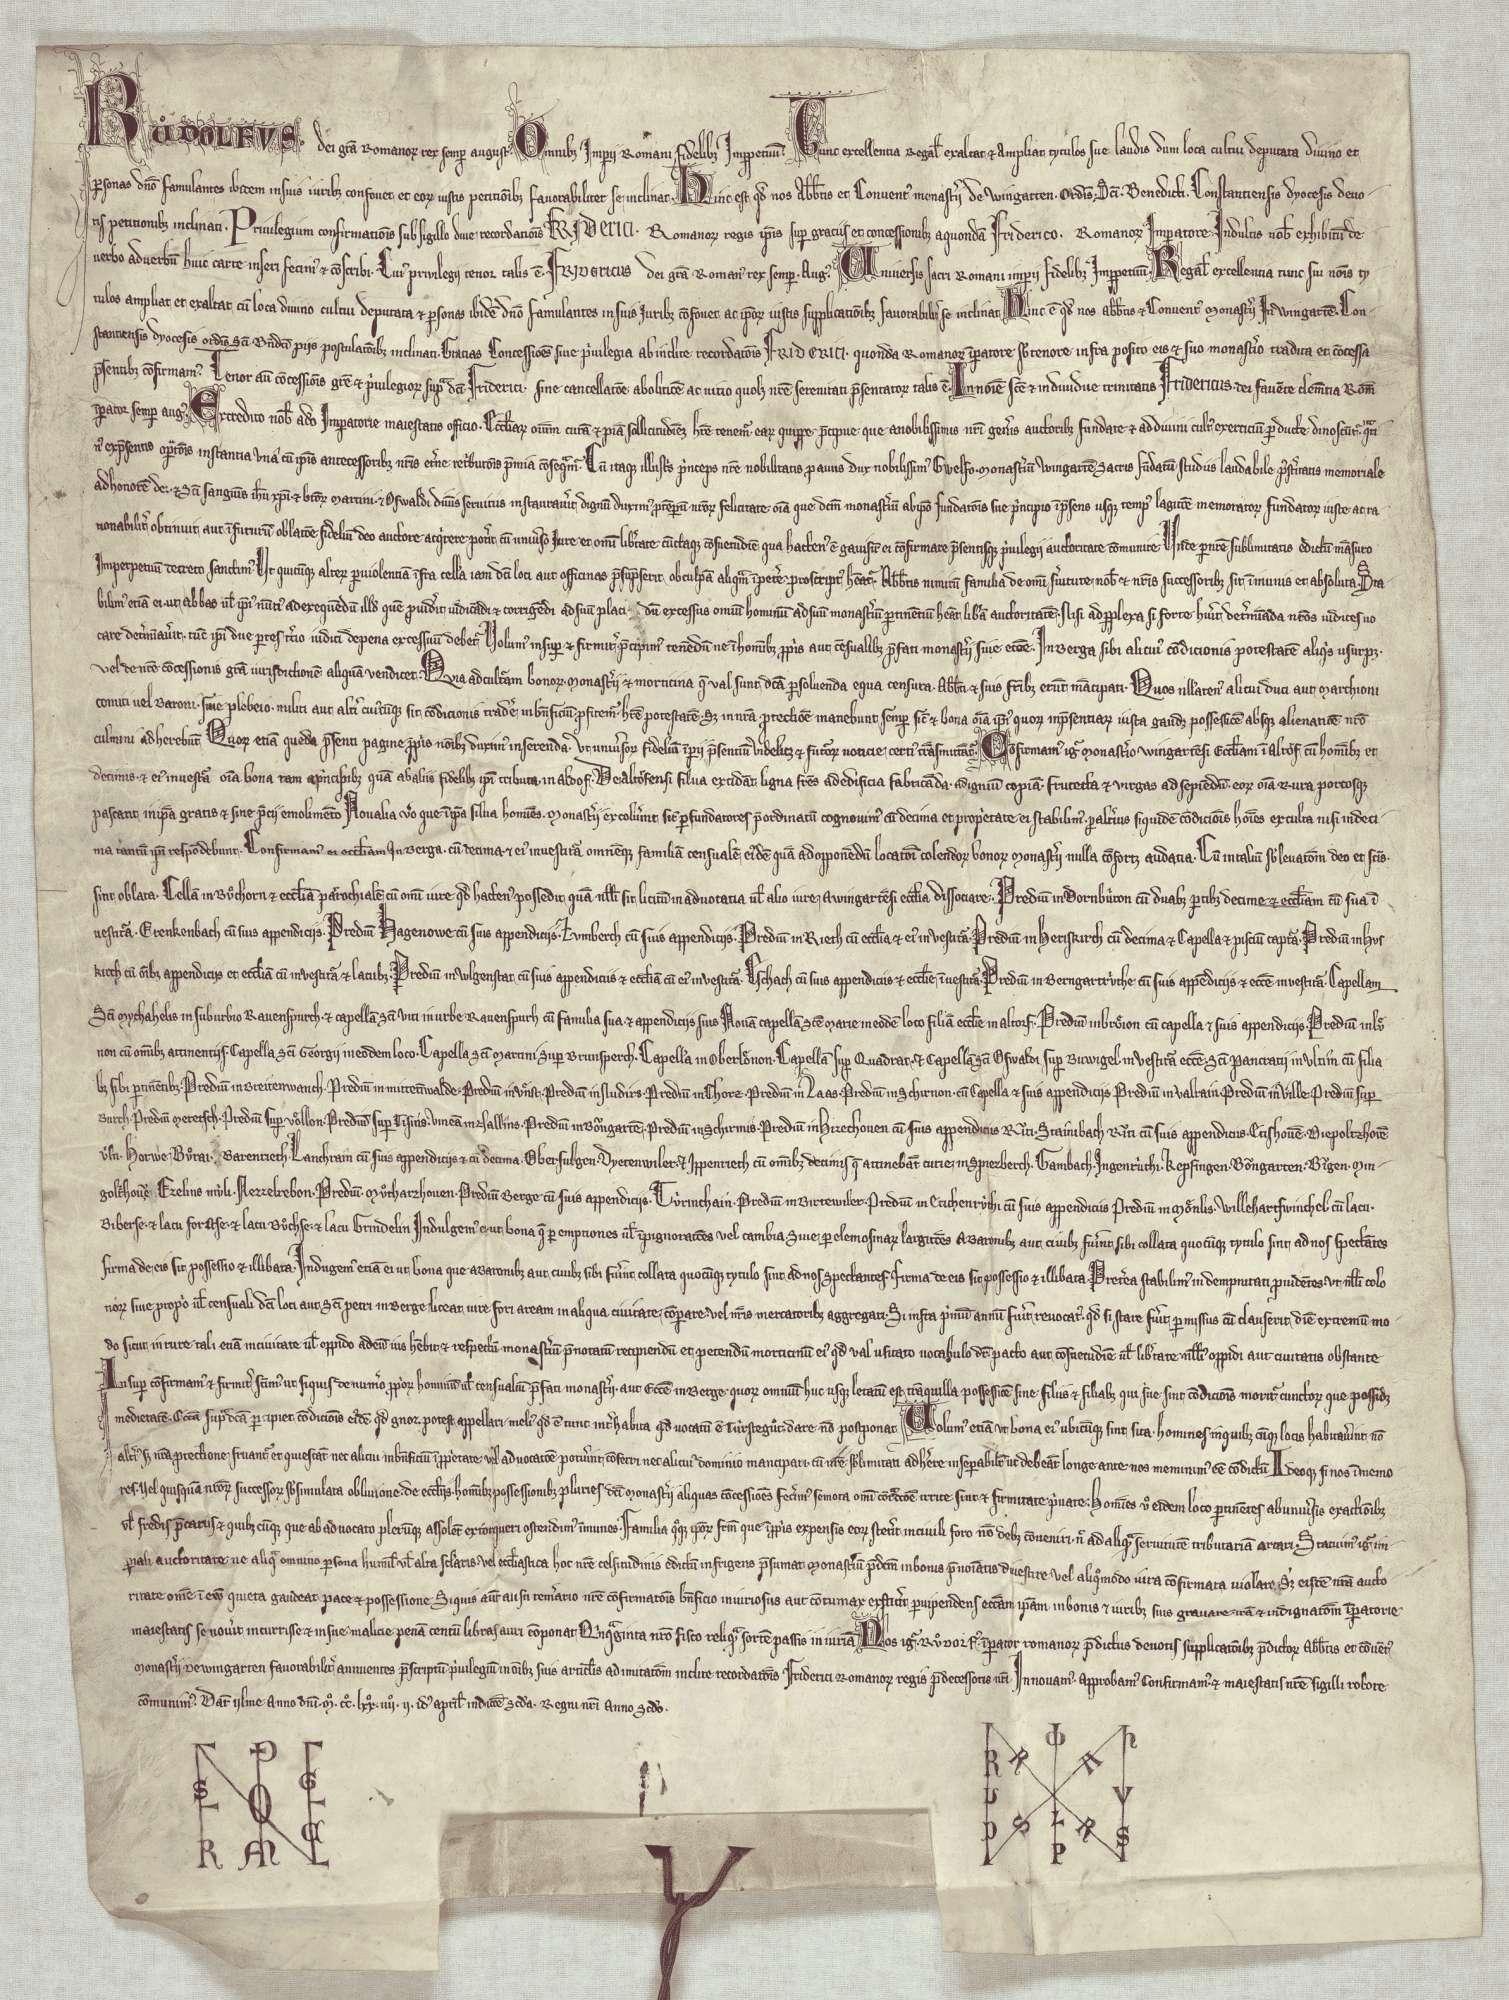 König Rudolf vidimiert und bestätigt dem Kloster Weingarten den falschen Schirmbrief Kaiser Friedrichs I. von 1153 September 23 in der 3. Fassung (Urkunde Nr. 350 in WUB, Bd. II, S. 83–94, Text C)., Bild 1